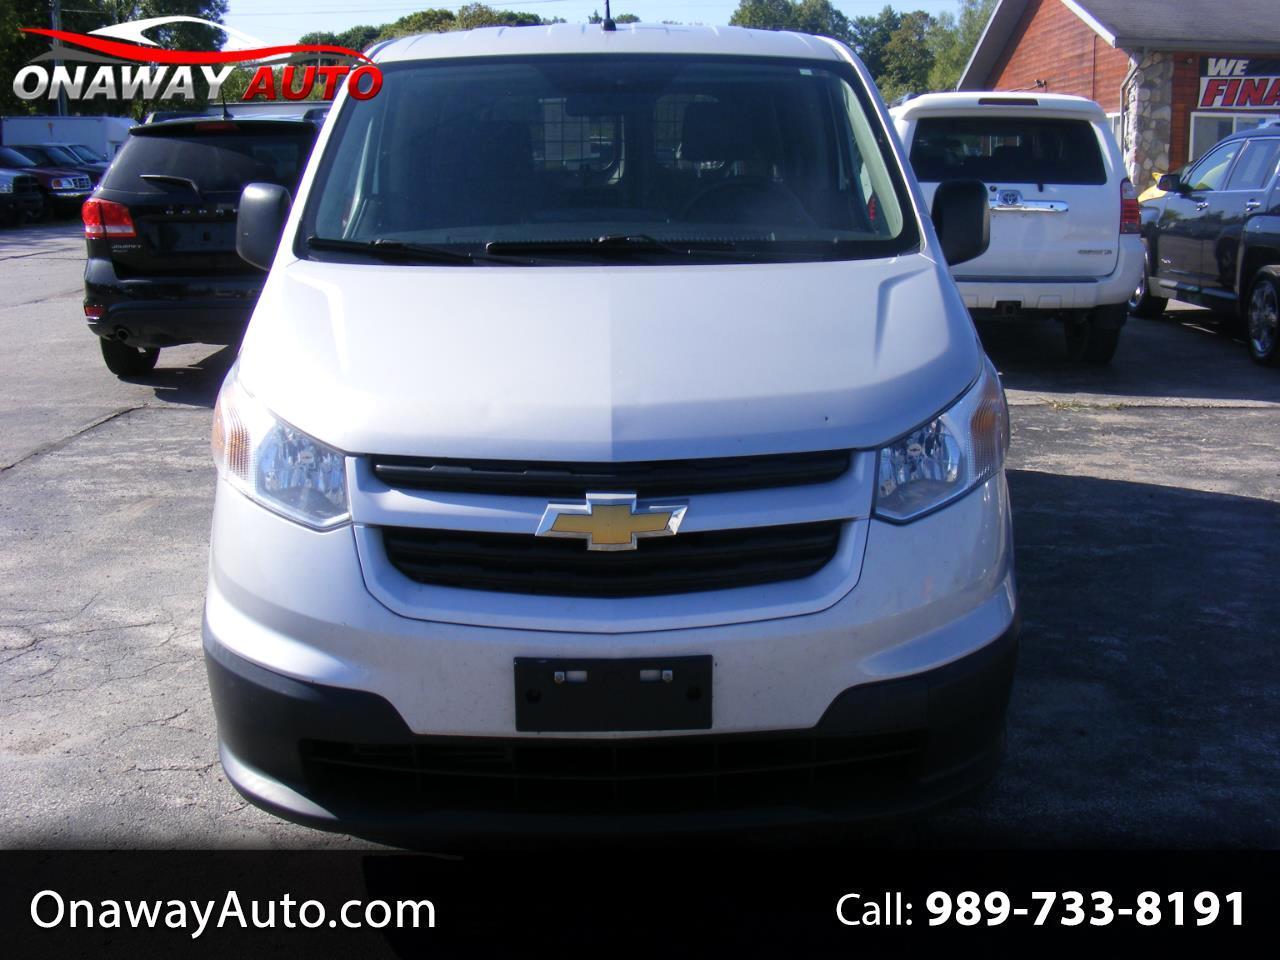 2015 Chevrolet City Express Cargo Van FWD 115